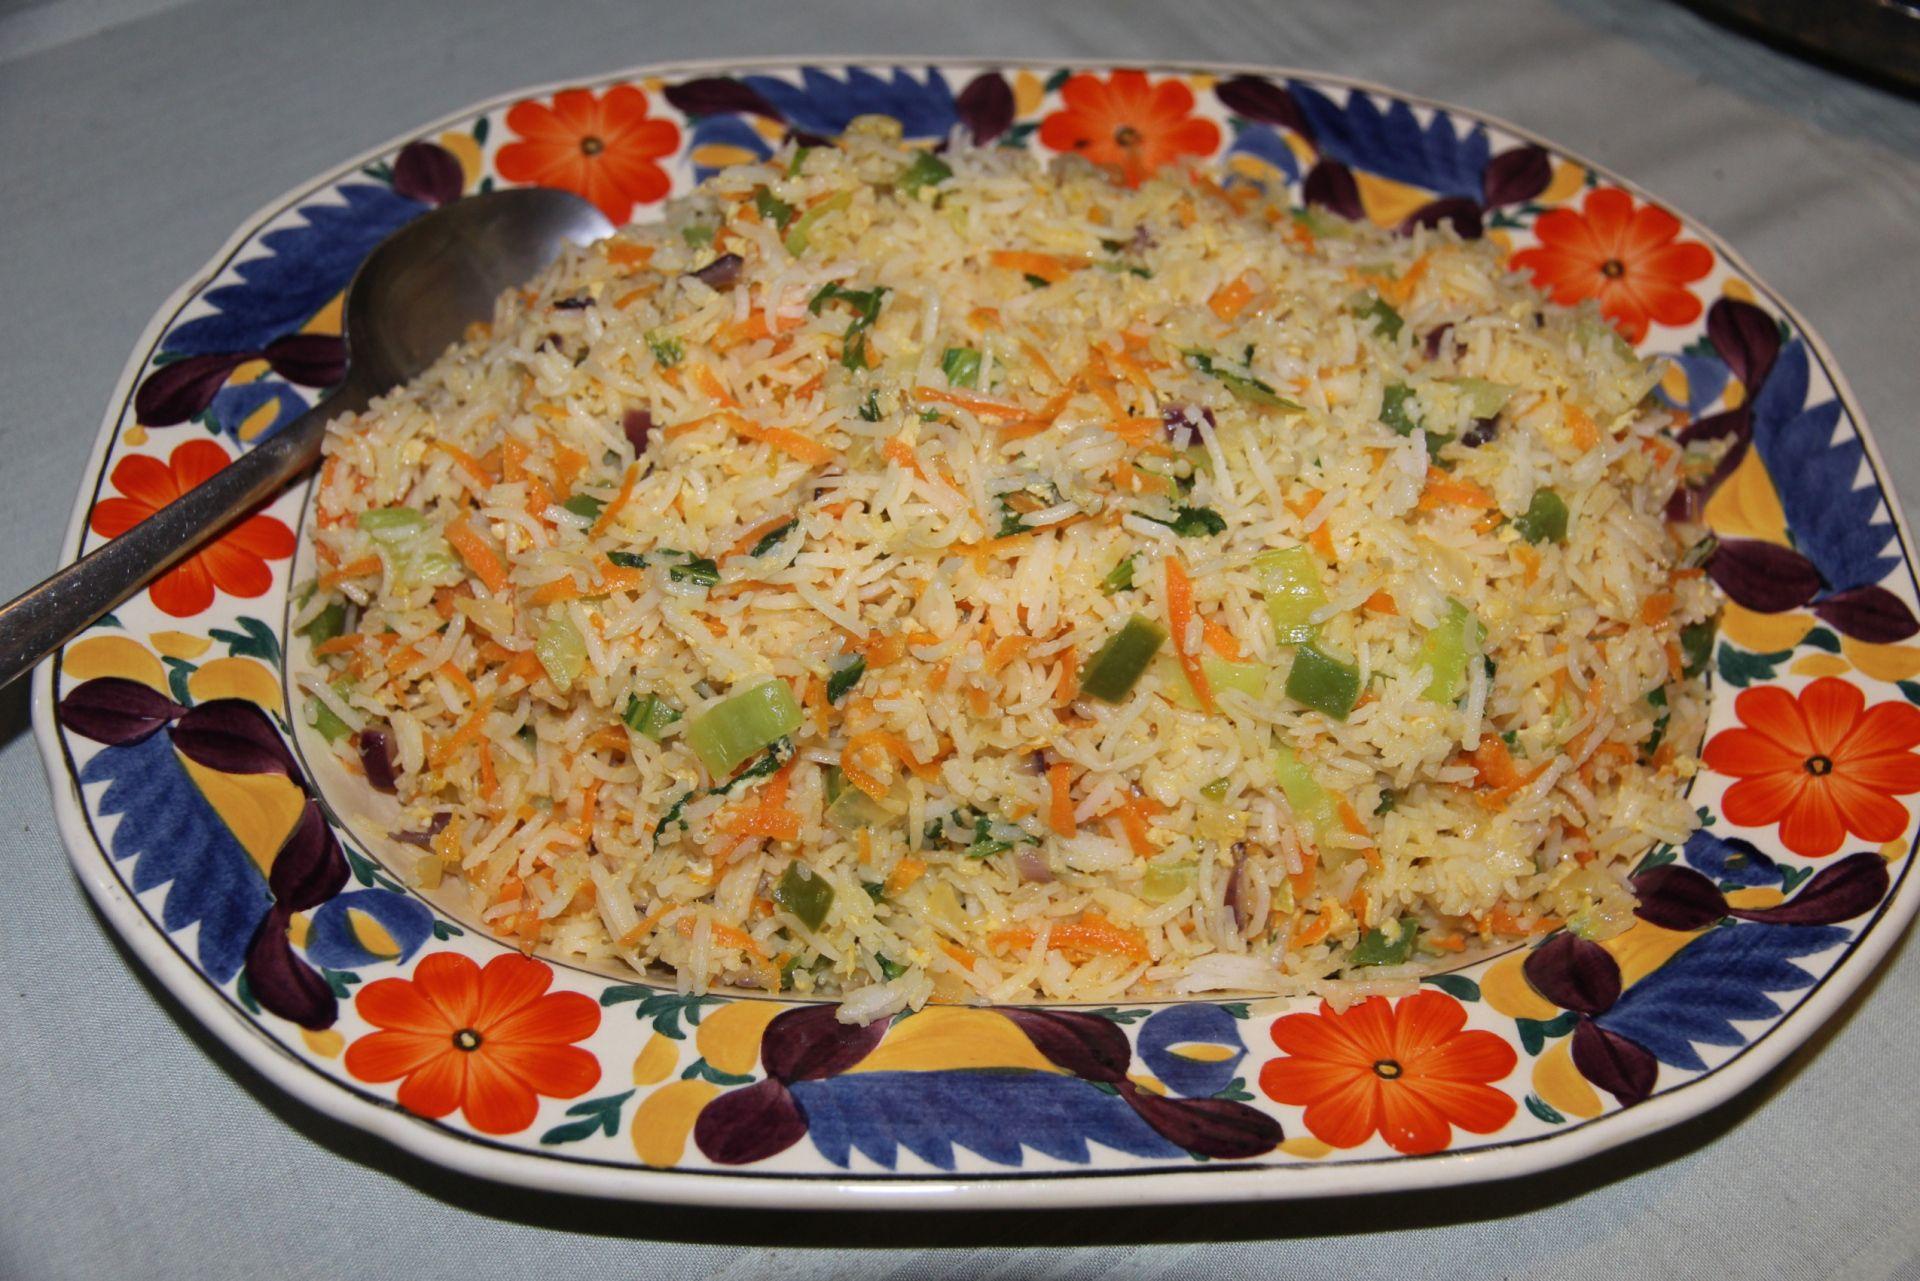 Fried rice ghana fried rice ghana and rice fried rice ghana easy ccuart Gallery